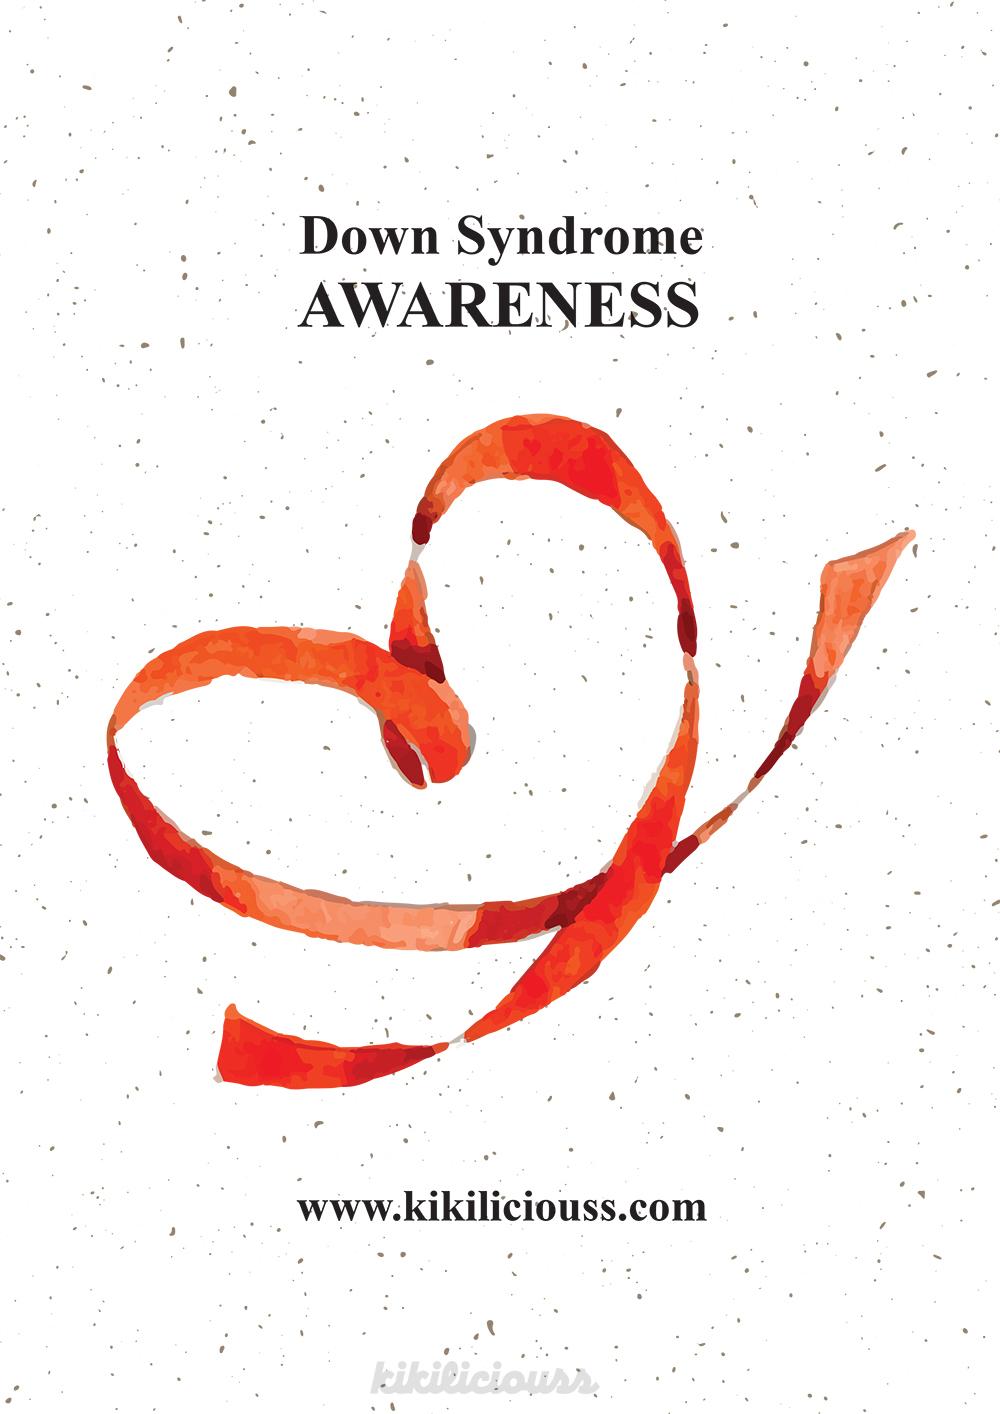 Një Krishtlindje Ndryshe – Down Syndrome Albania